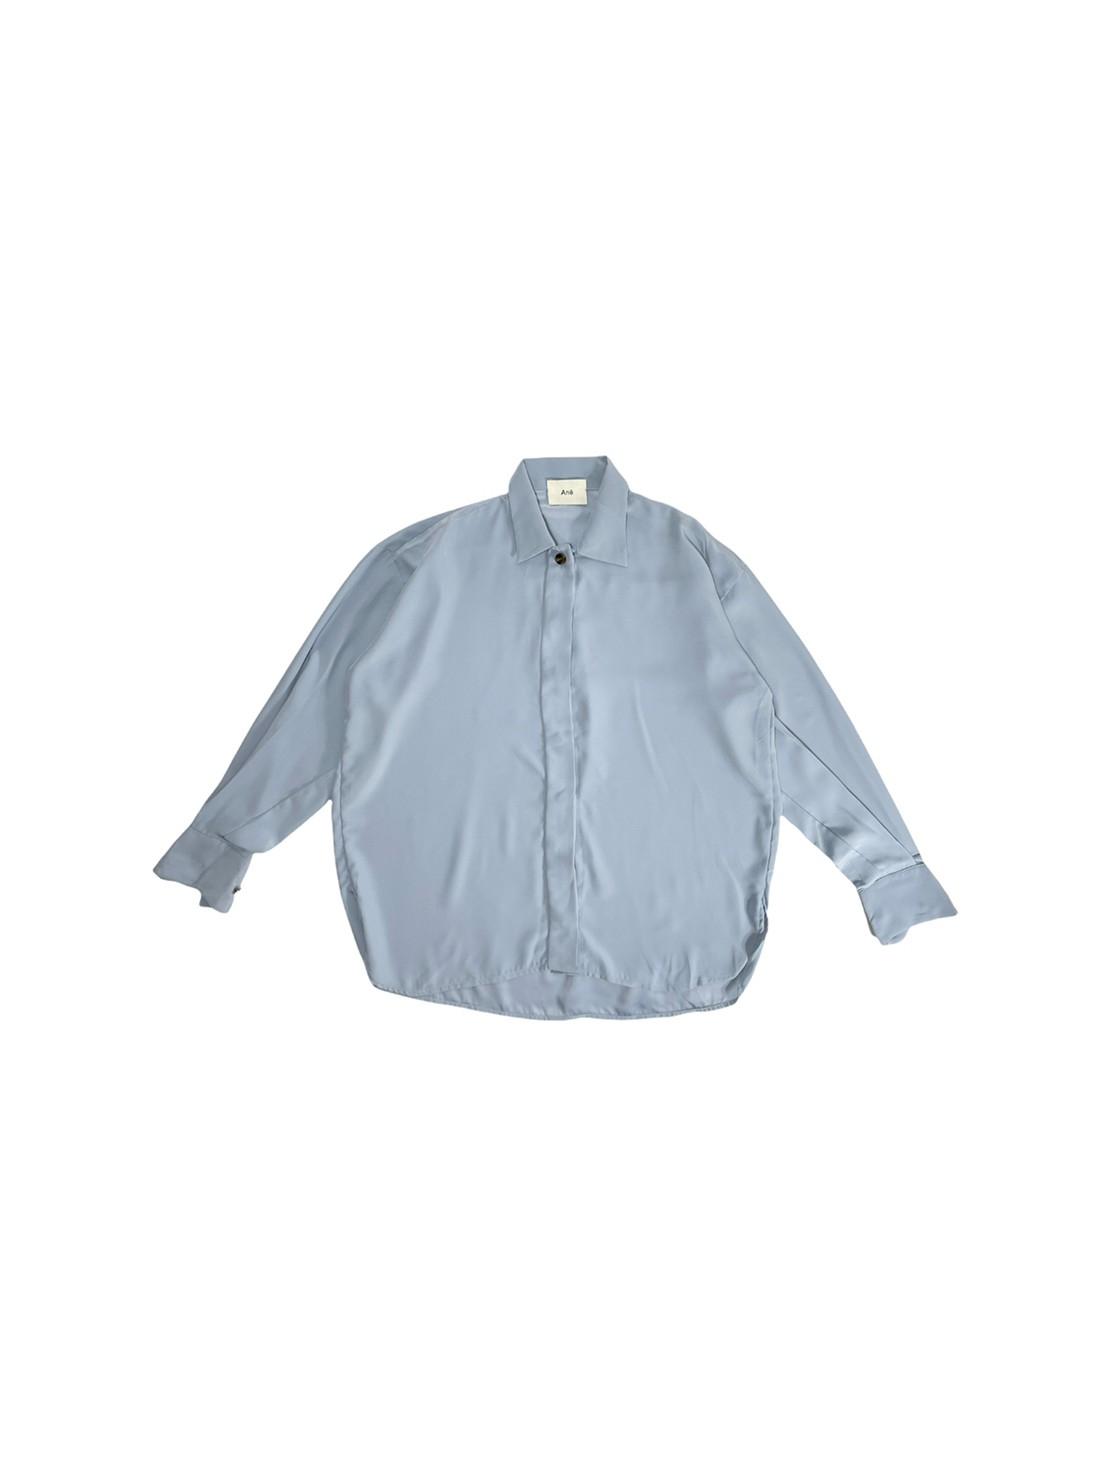 Ane coteshirt (bleu)